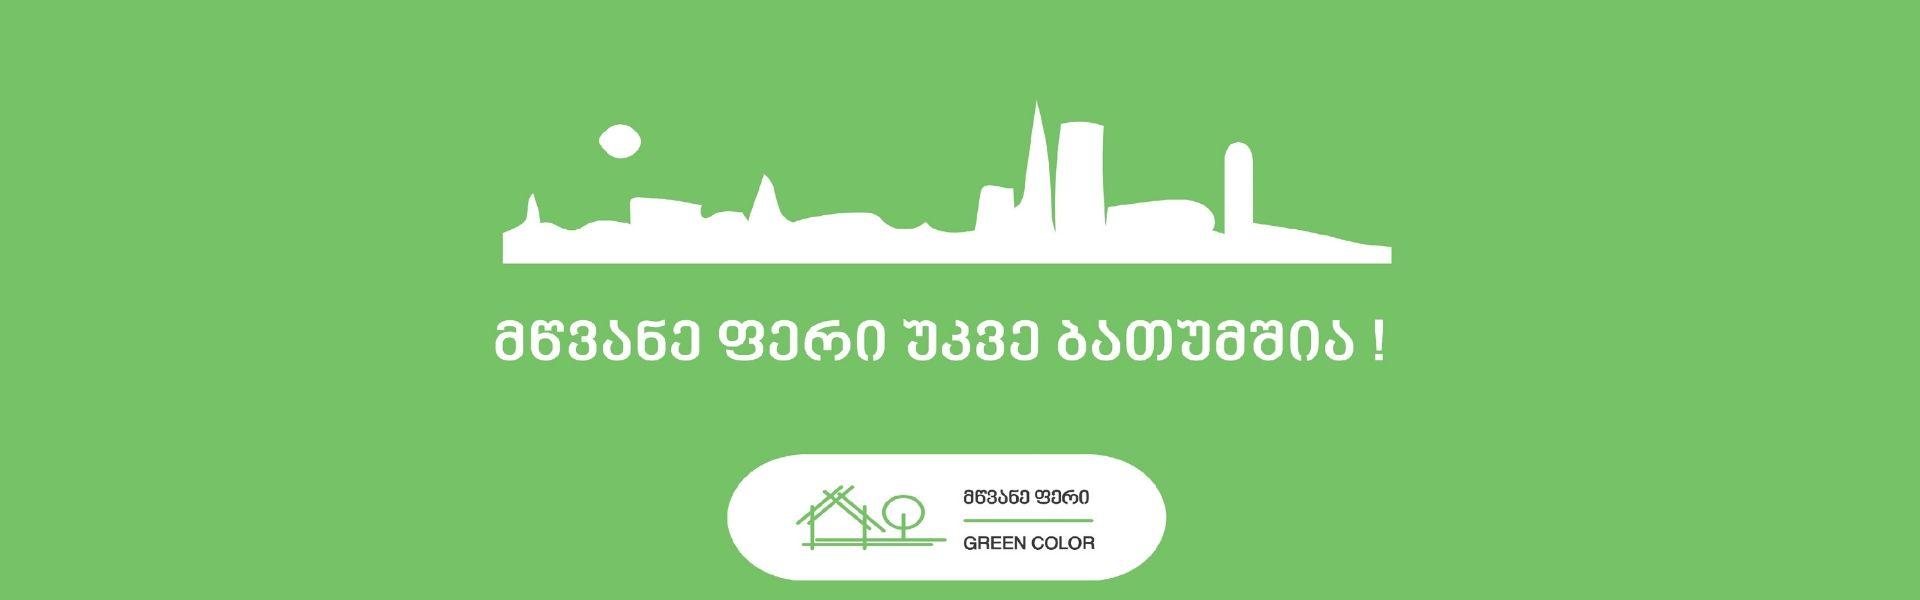 მწვანე ფერი უკვე ბათუმშია-ის  ქოვერი